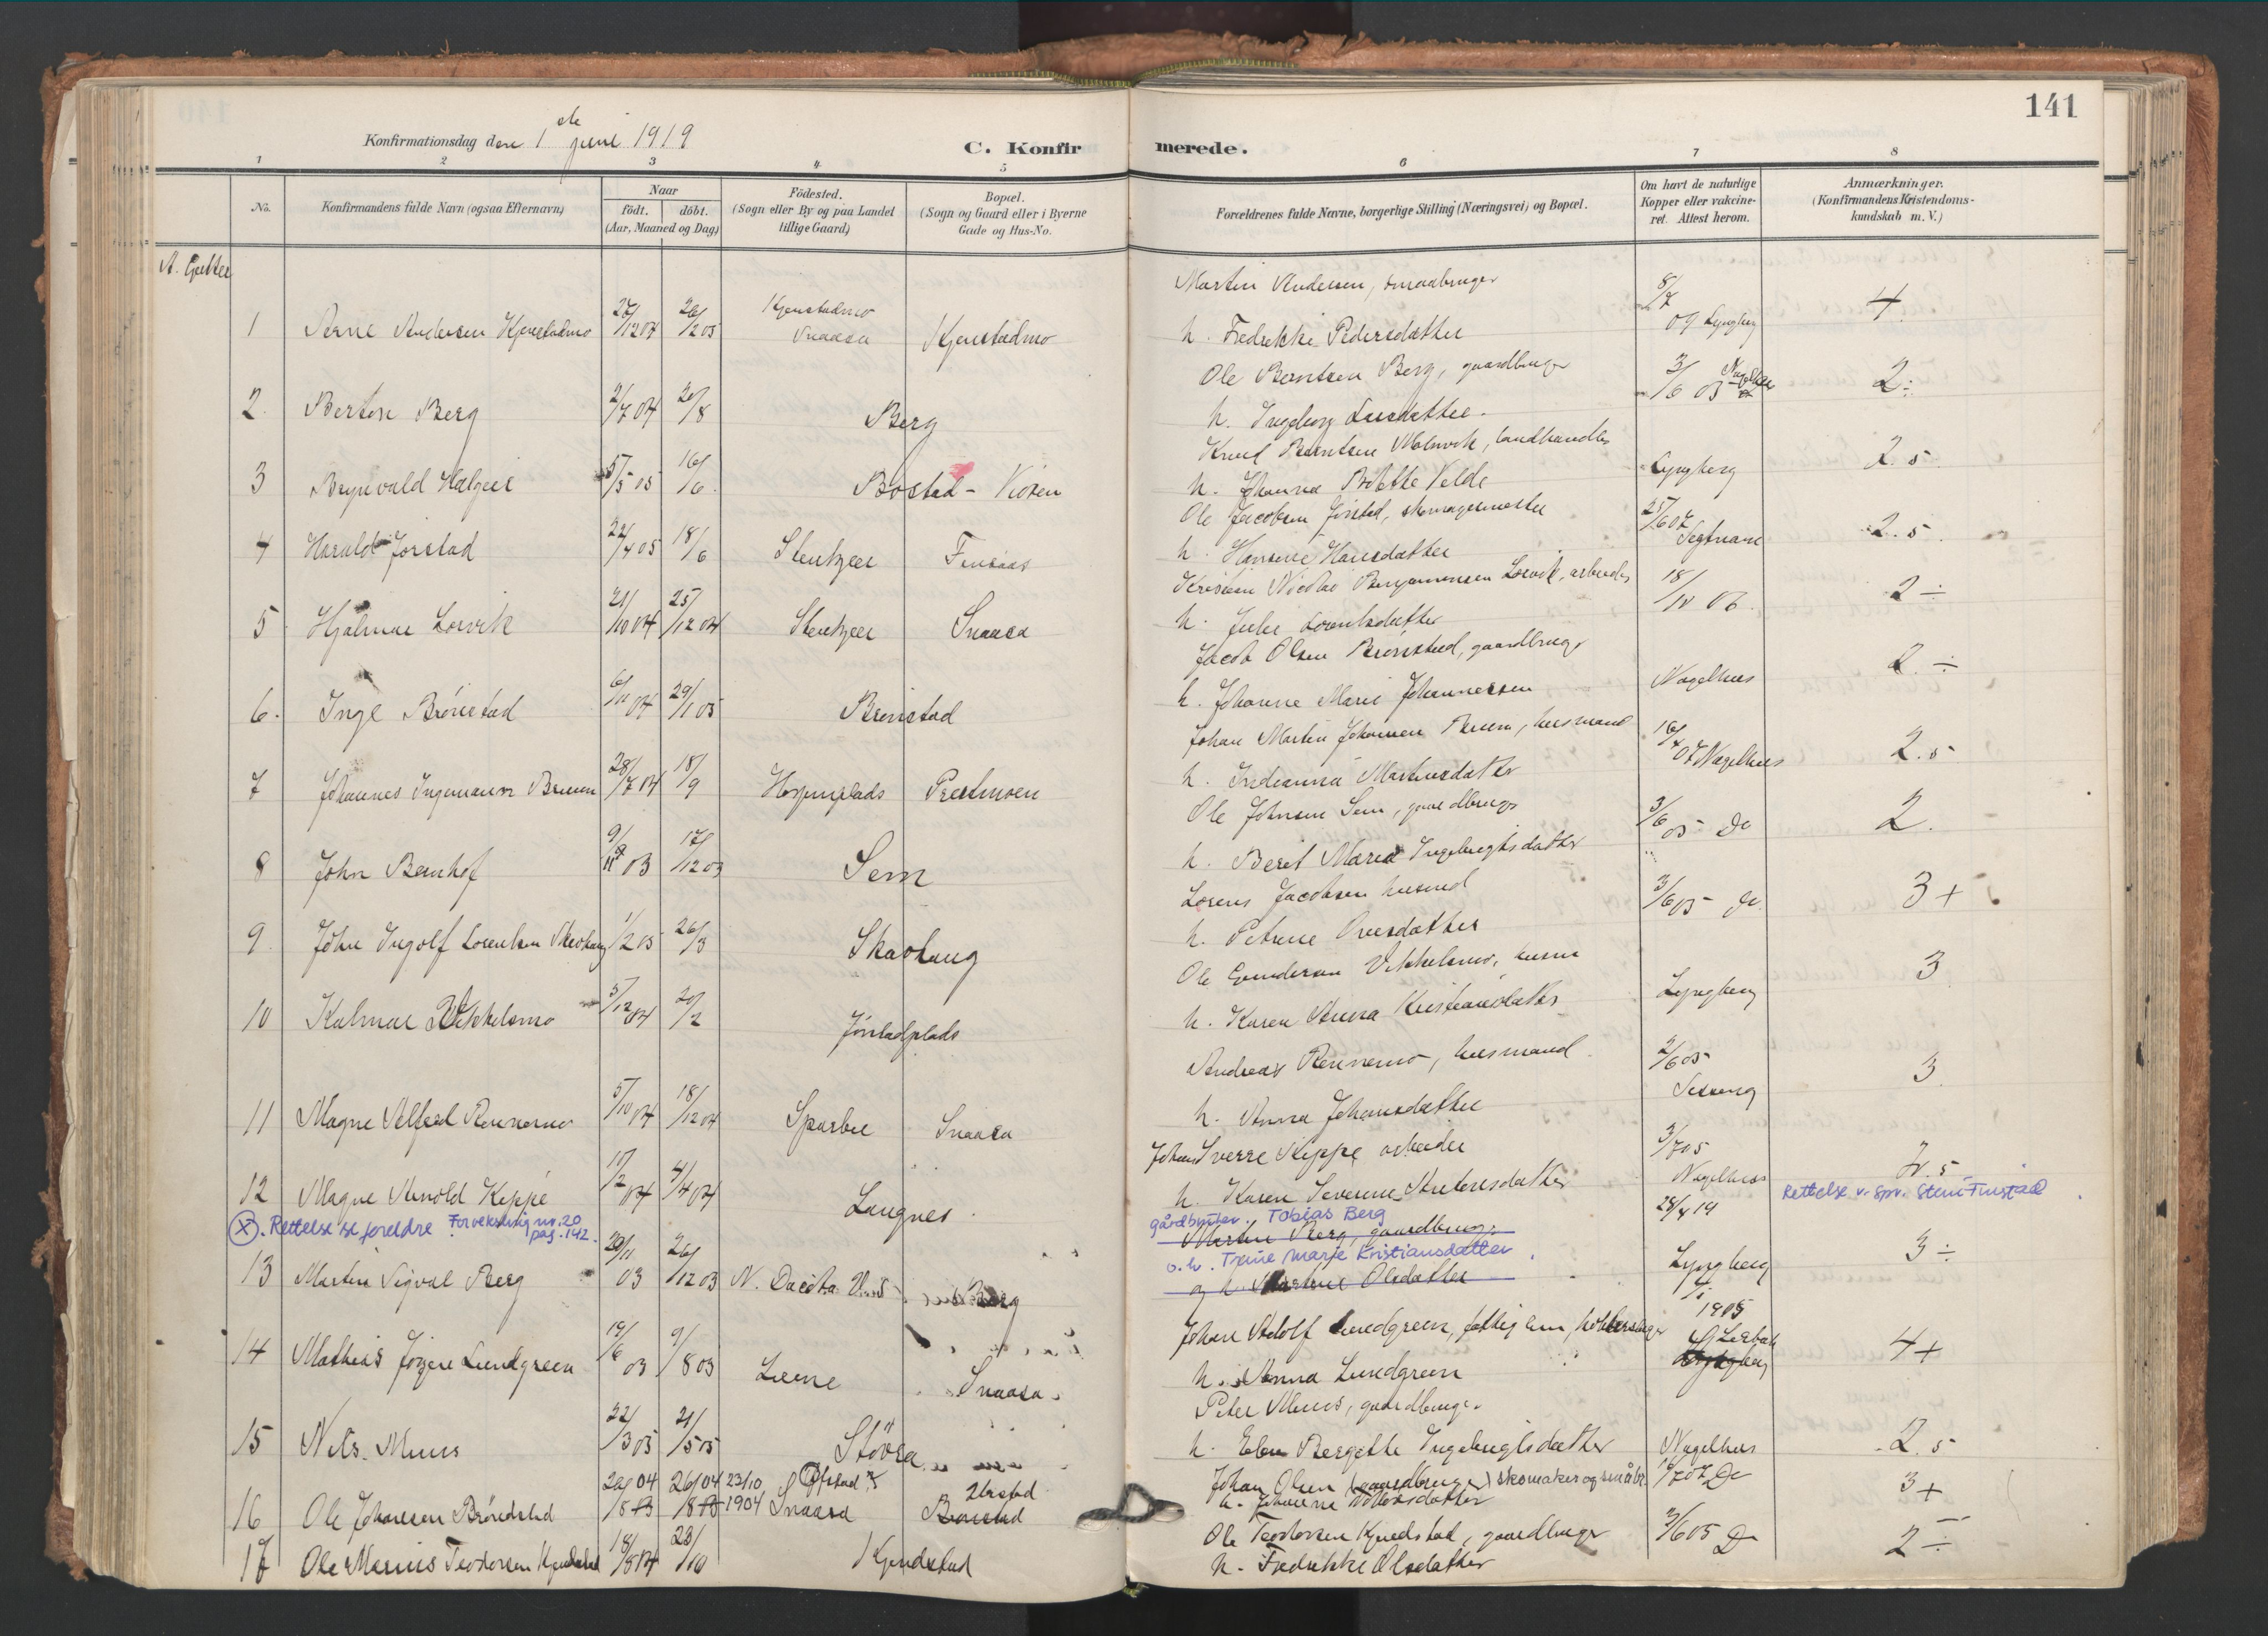 SAT, Ministerialprotokoller, klokkerbøker og fødselsregistre - Nord-Trøndelag, 749/L0477: Ministerialbok nr. 749A11, 1902-1927, s. 141